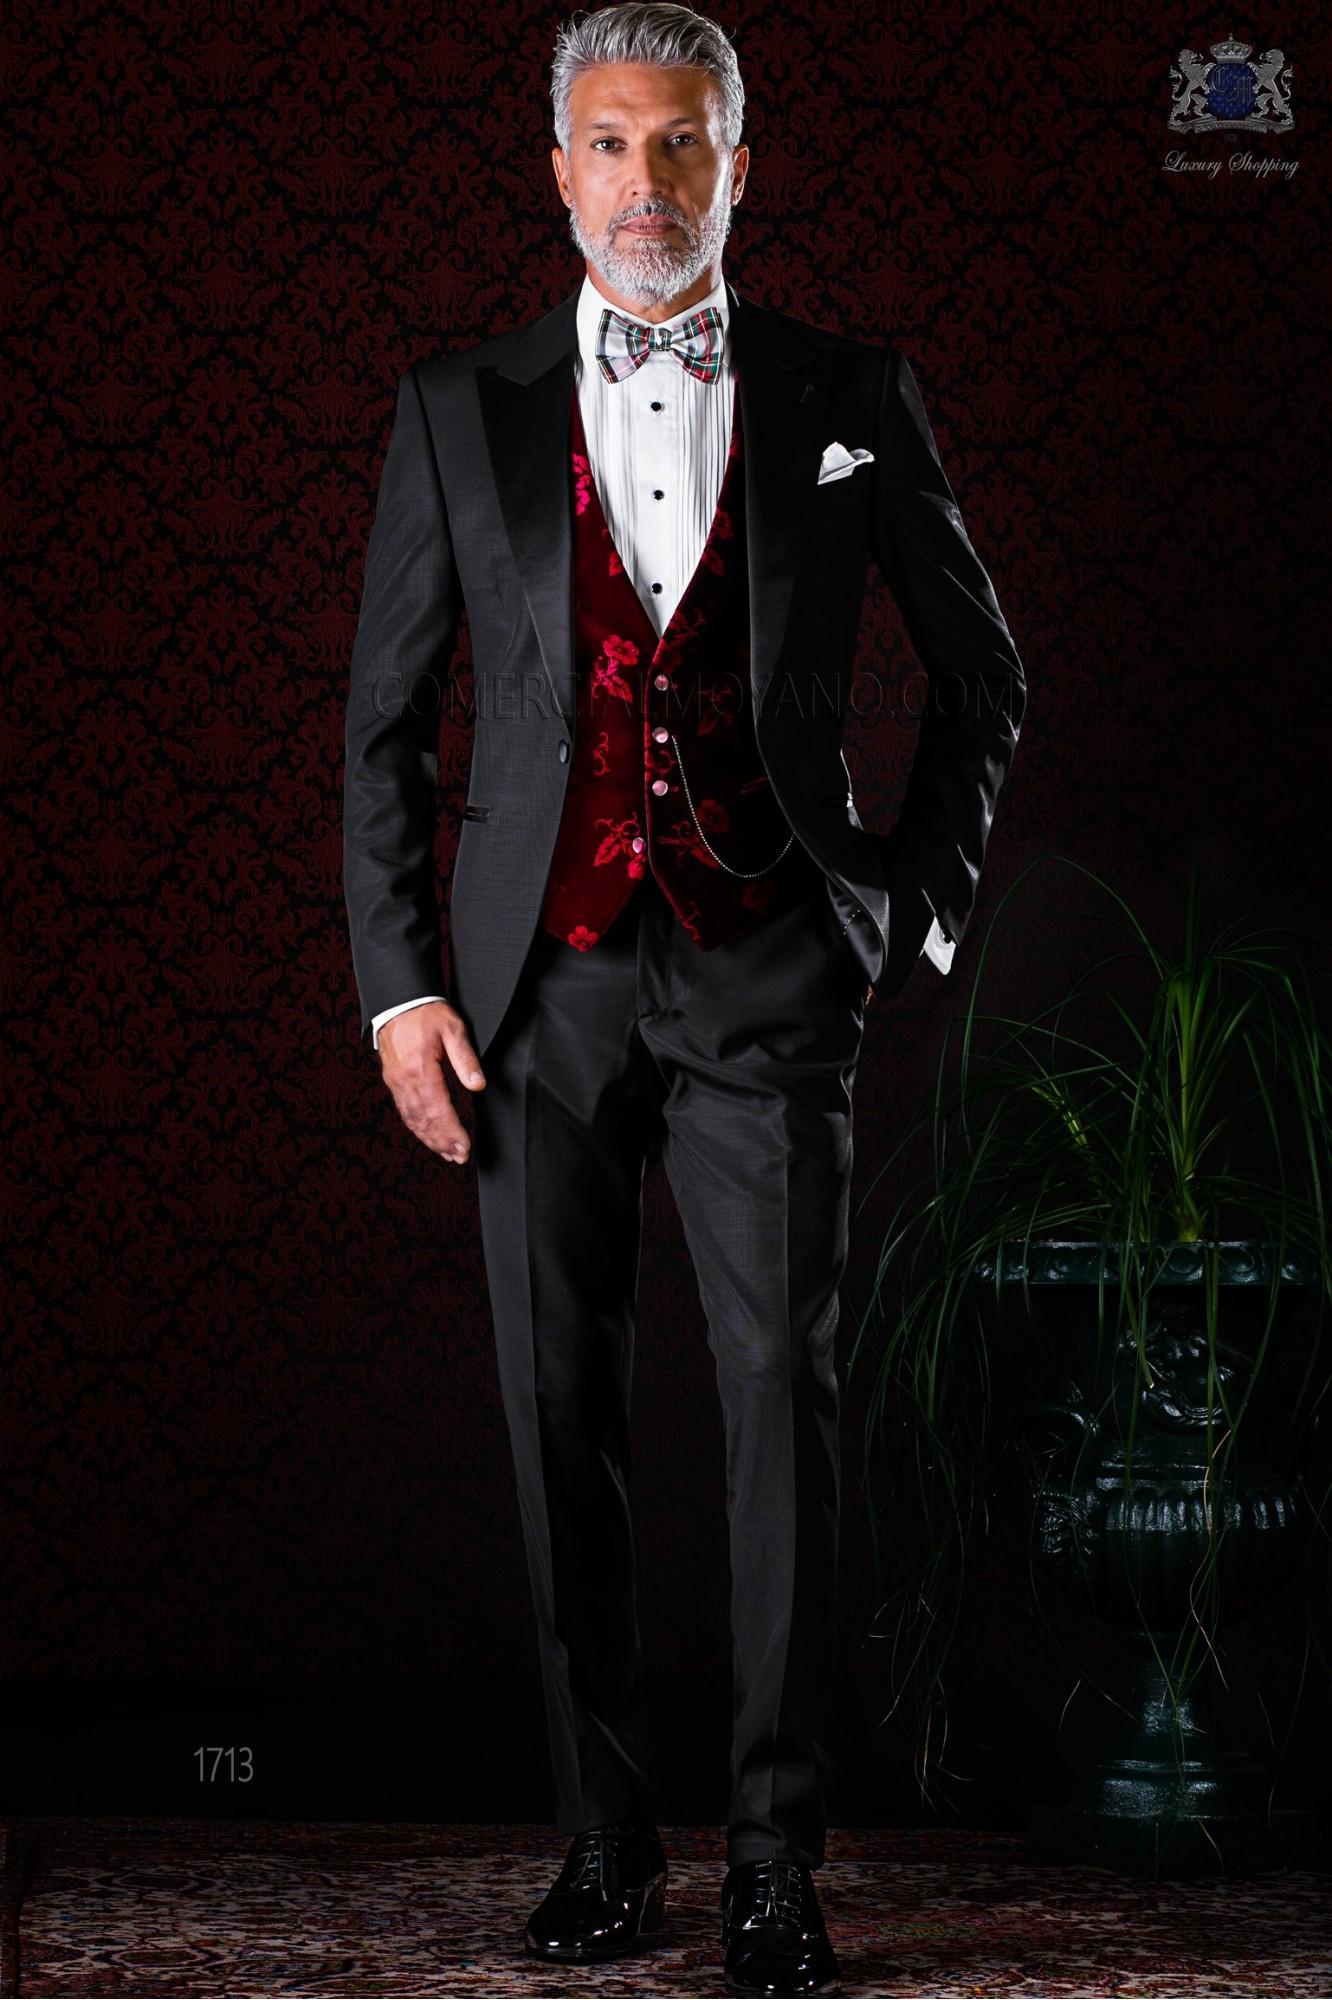 Esmoquin italiano negro con solapa punta y 1 botón de raso en tejido mixto lana modelo: 1713 Ottavio Nuccio Gala colección Black Tie